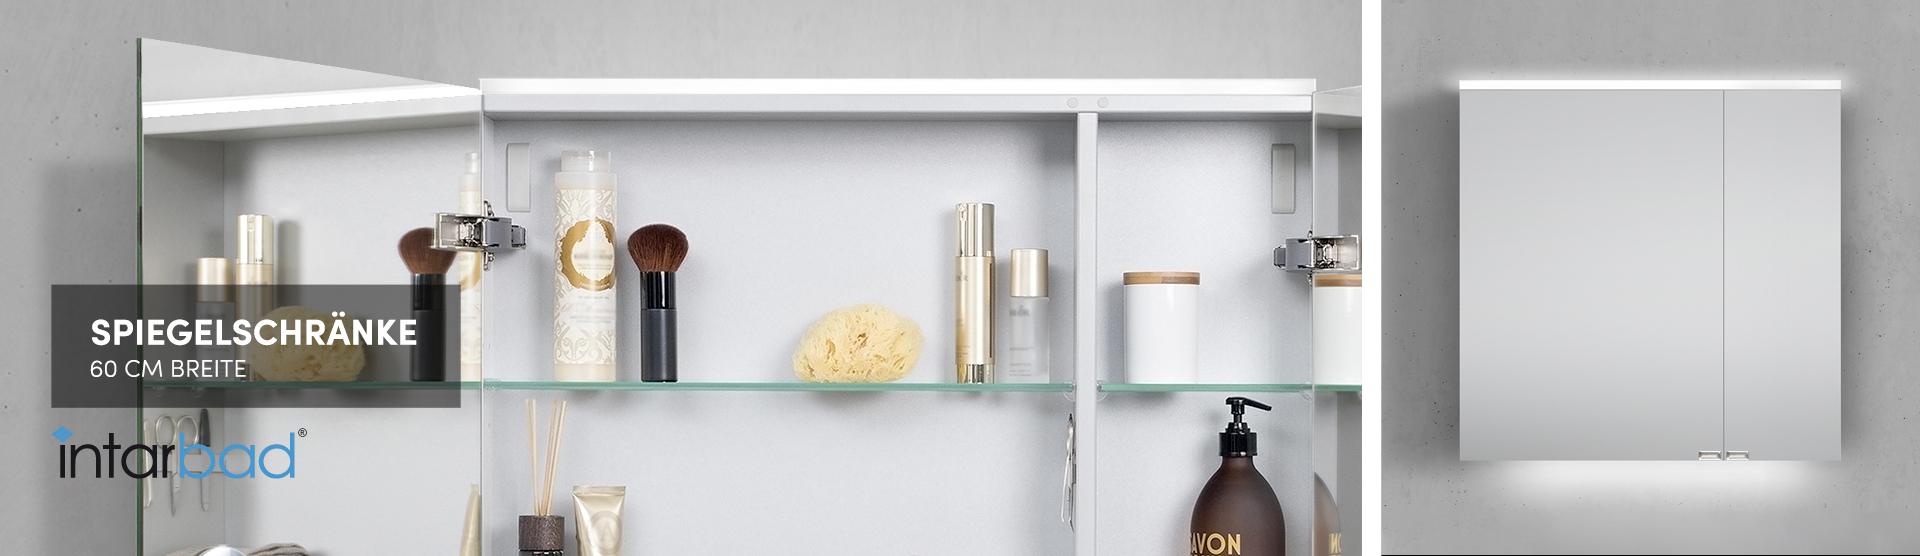 60 cm Spiegelschränke